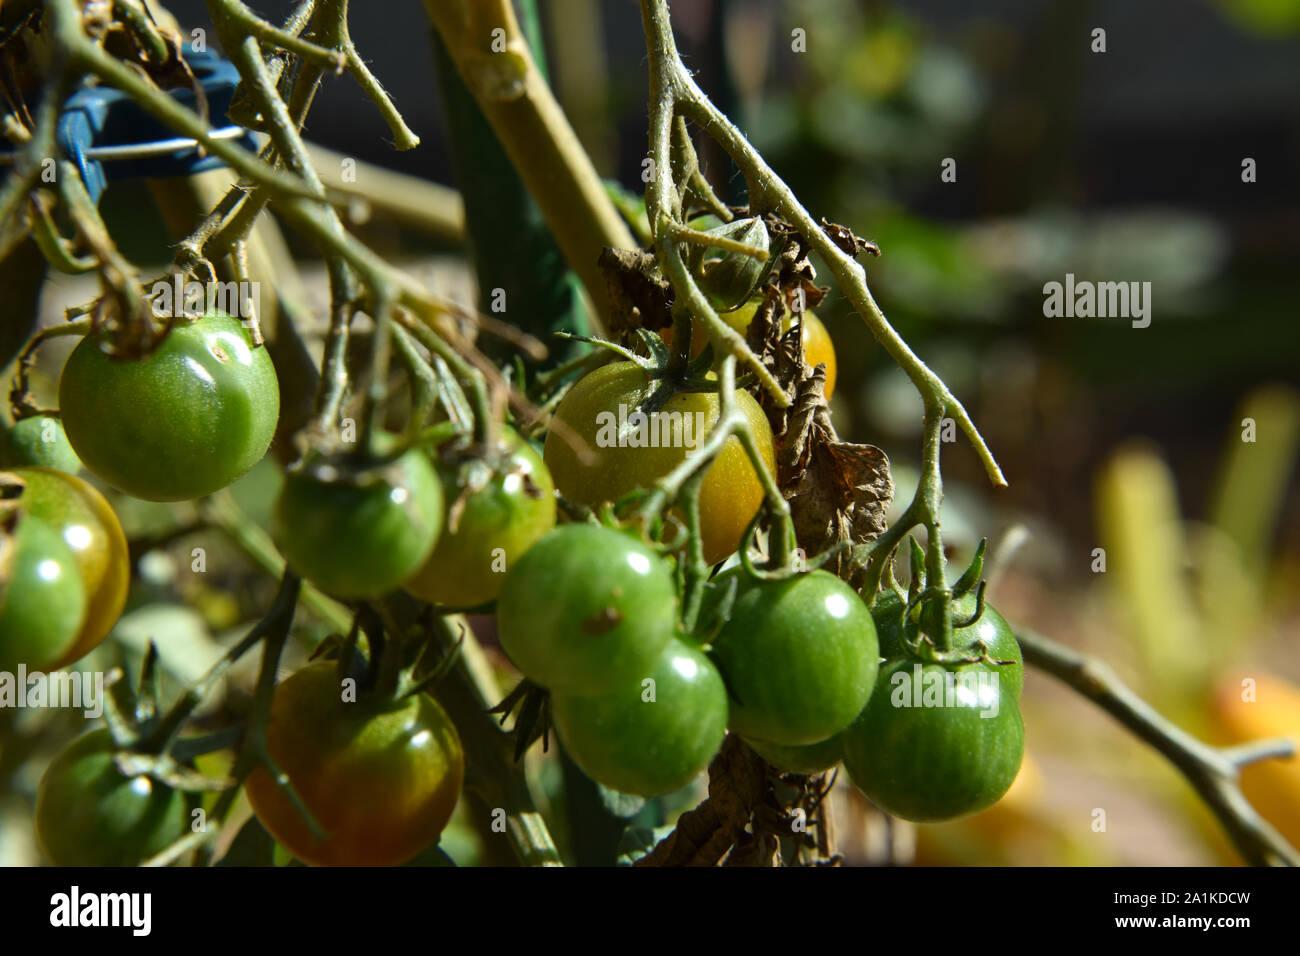 Wachsende Tomaten im eigenen Garten - Umwelt und gesunde Ernährung Stockfoto